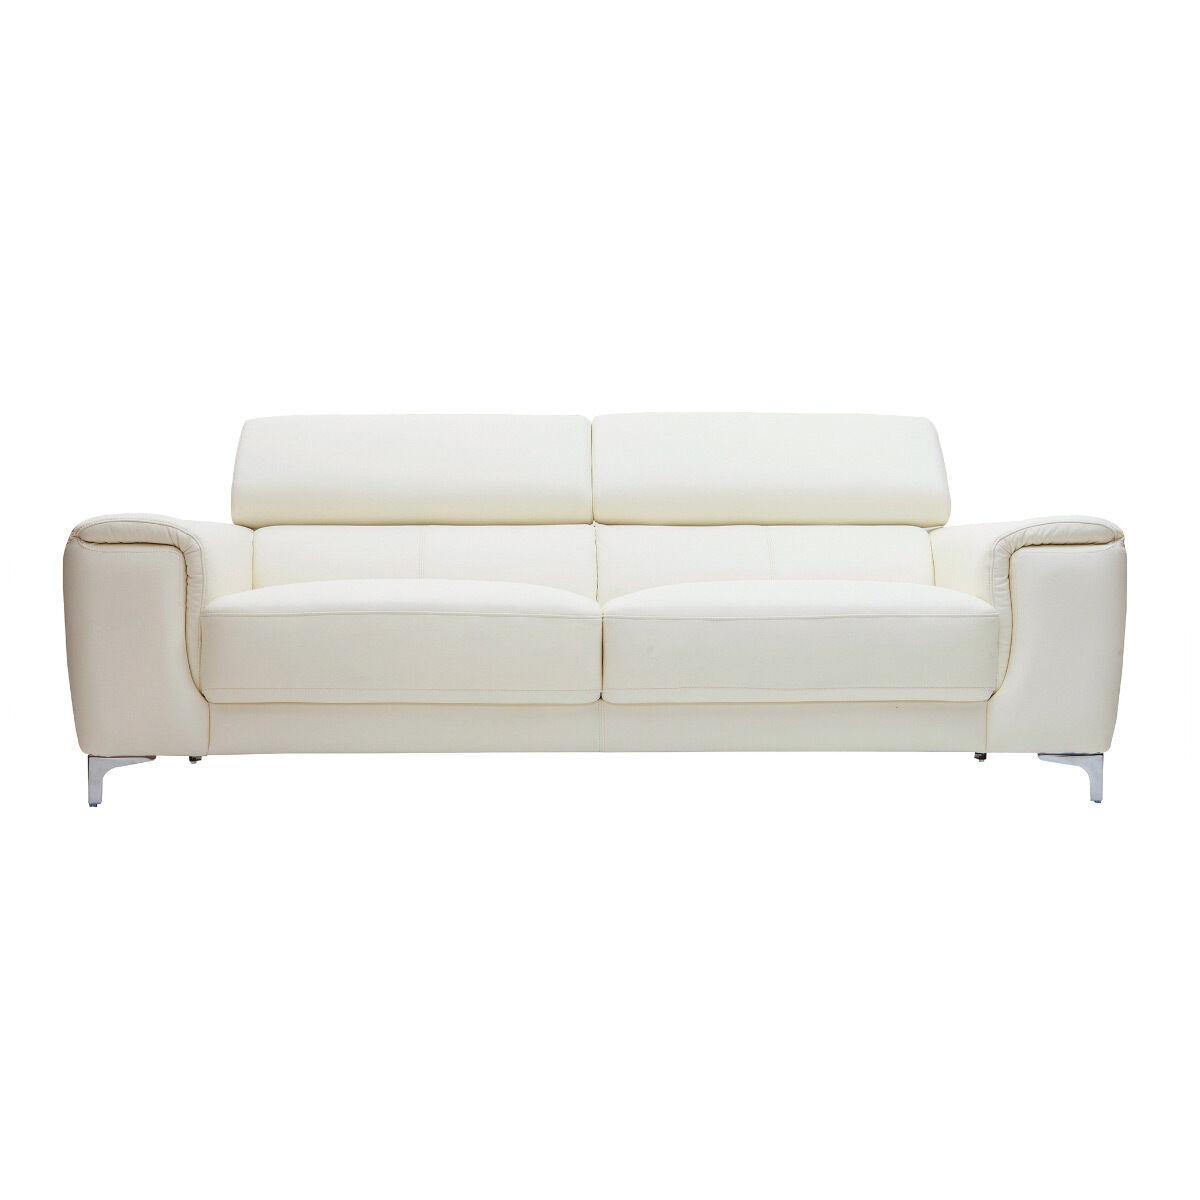 Miliboo Canapé cuir design trois places avec têtières relax blanc NEVADA - cuir de buffle